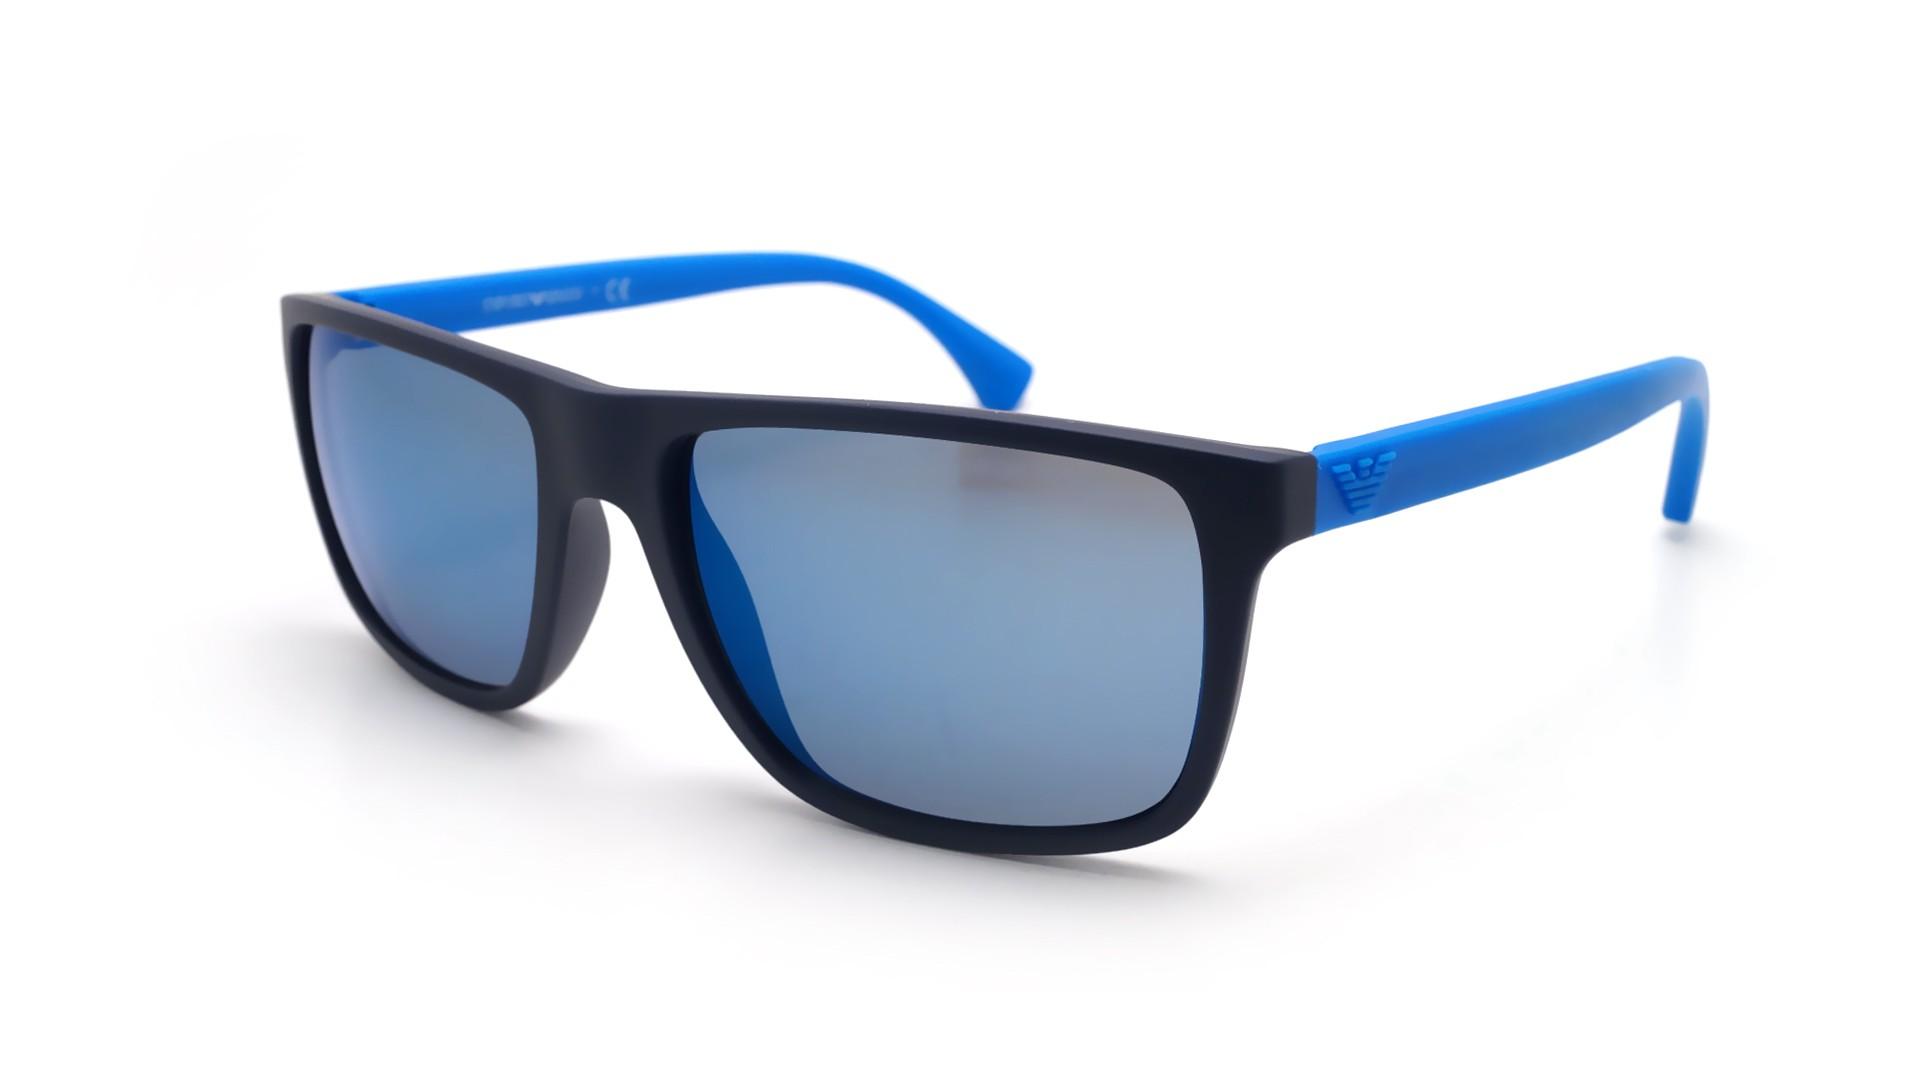 8add3695e4daf Sunglasses Emporio Armani EA4033 565055 56-17 Blue Mat Large